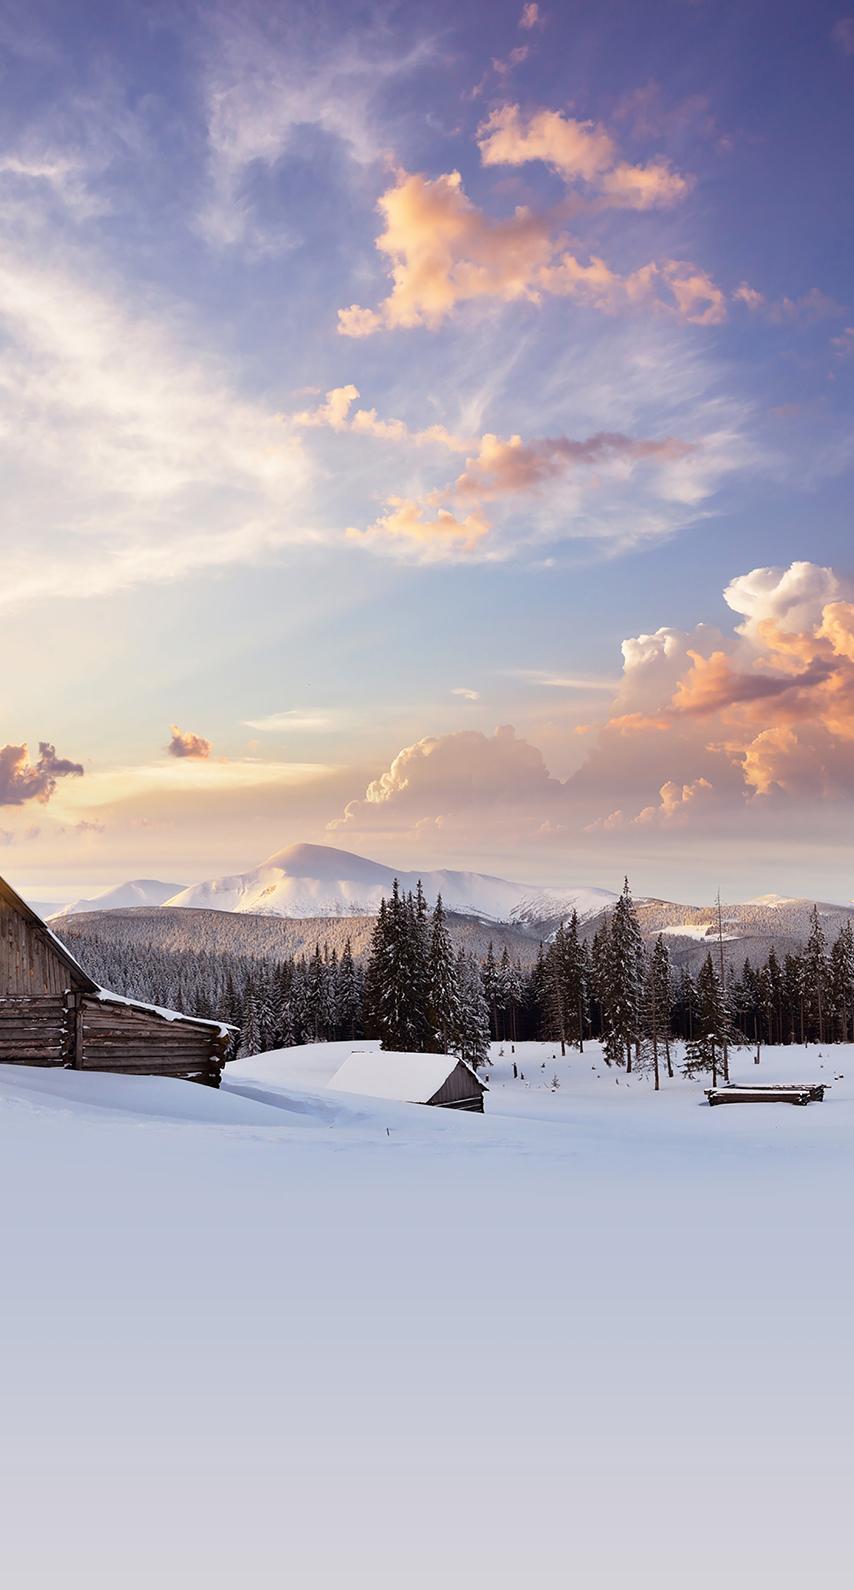 resort, mountain